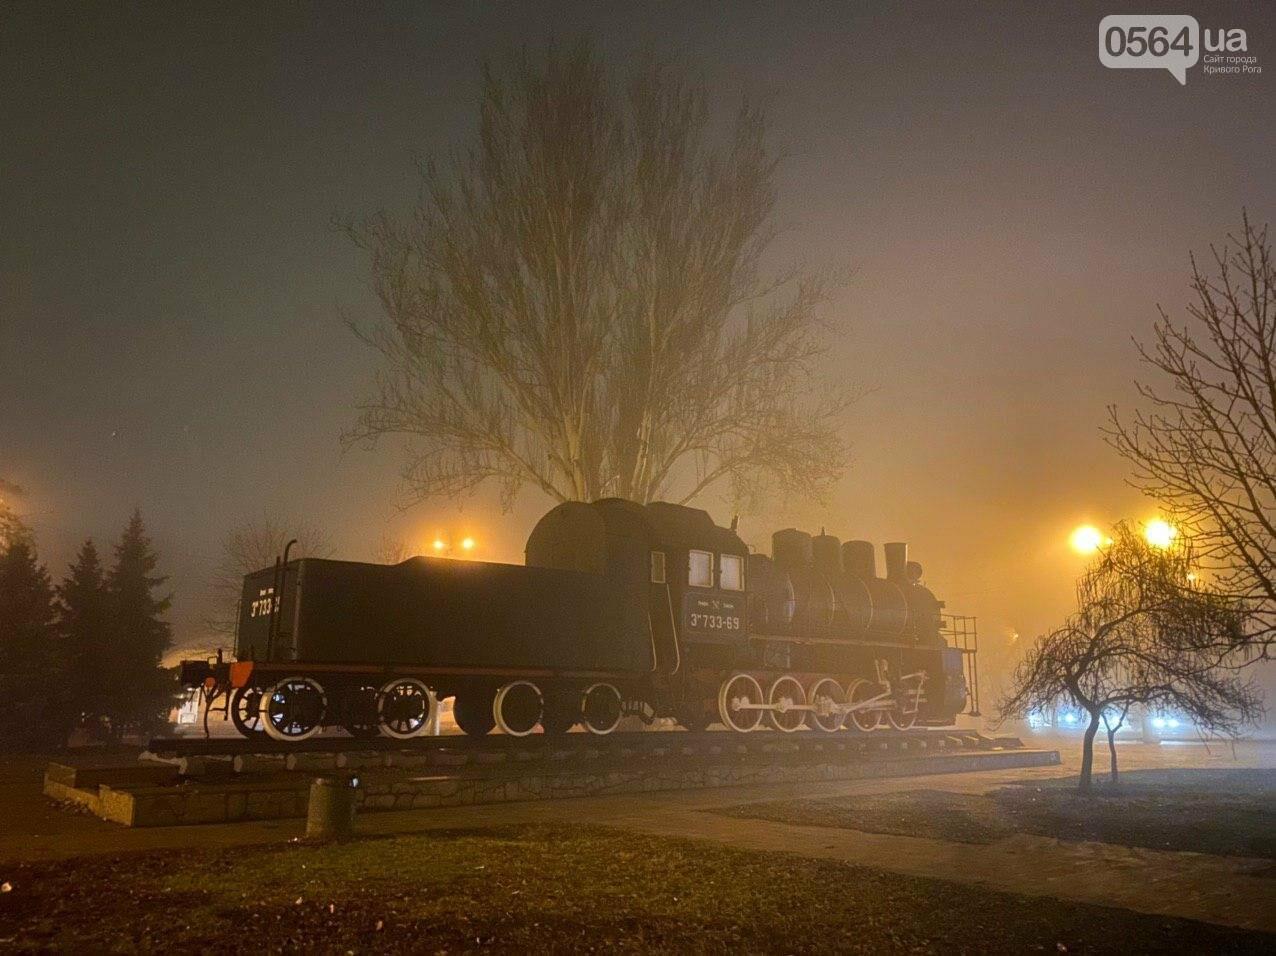 Спешили к поезду? На Привокзальной площади в Кривом Роге столкнулись две легковушки, - ФОТО, фото-9